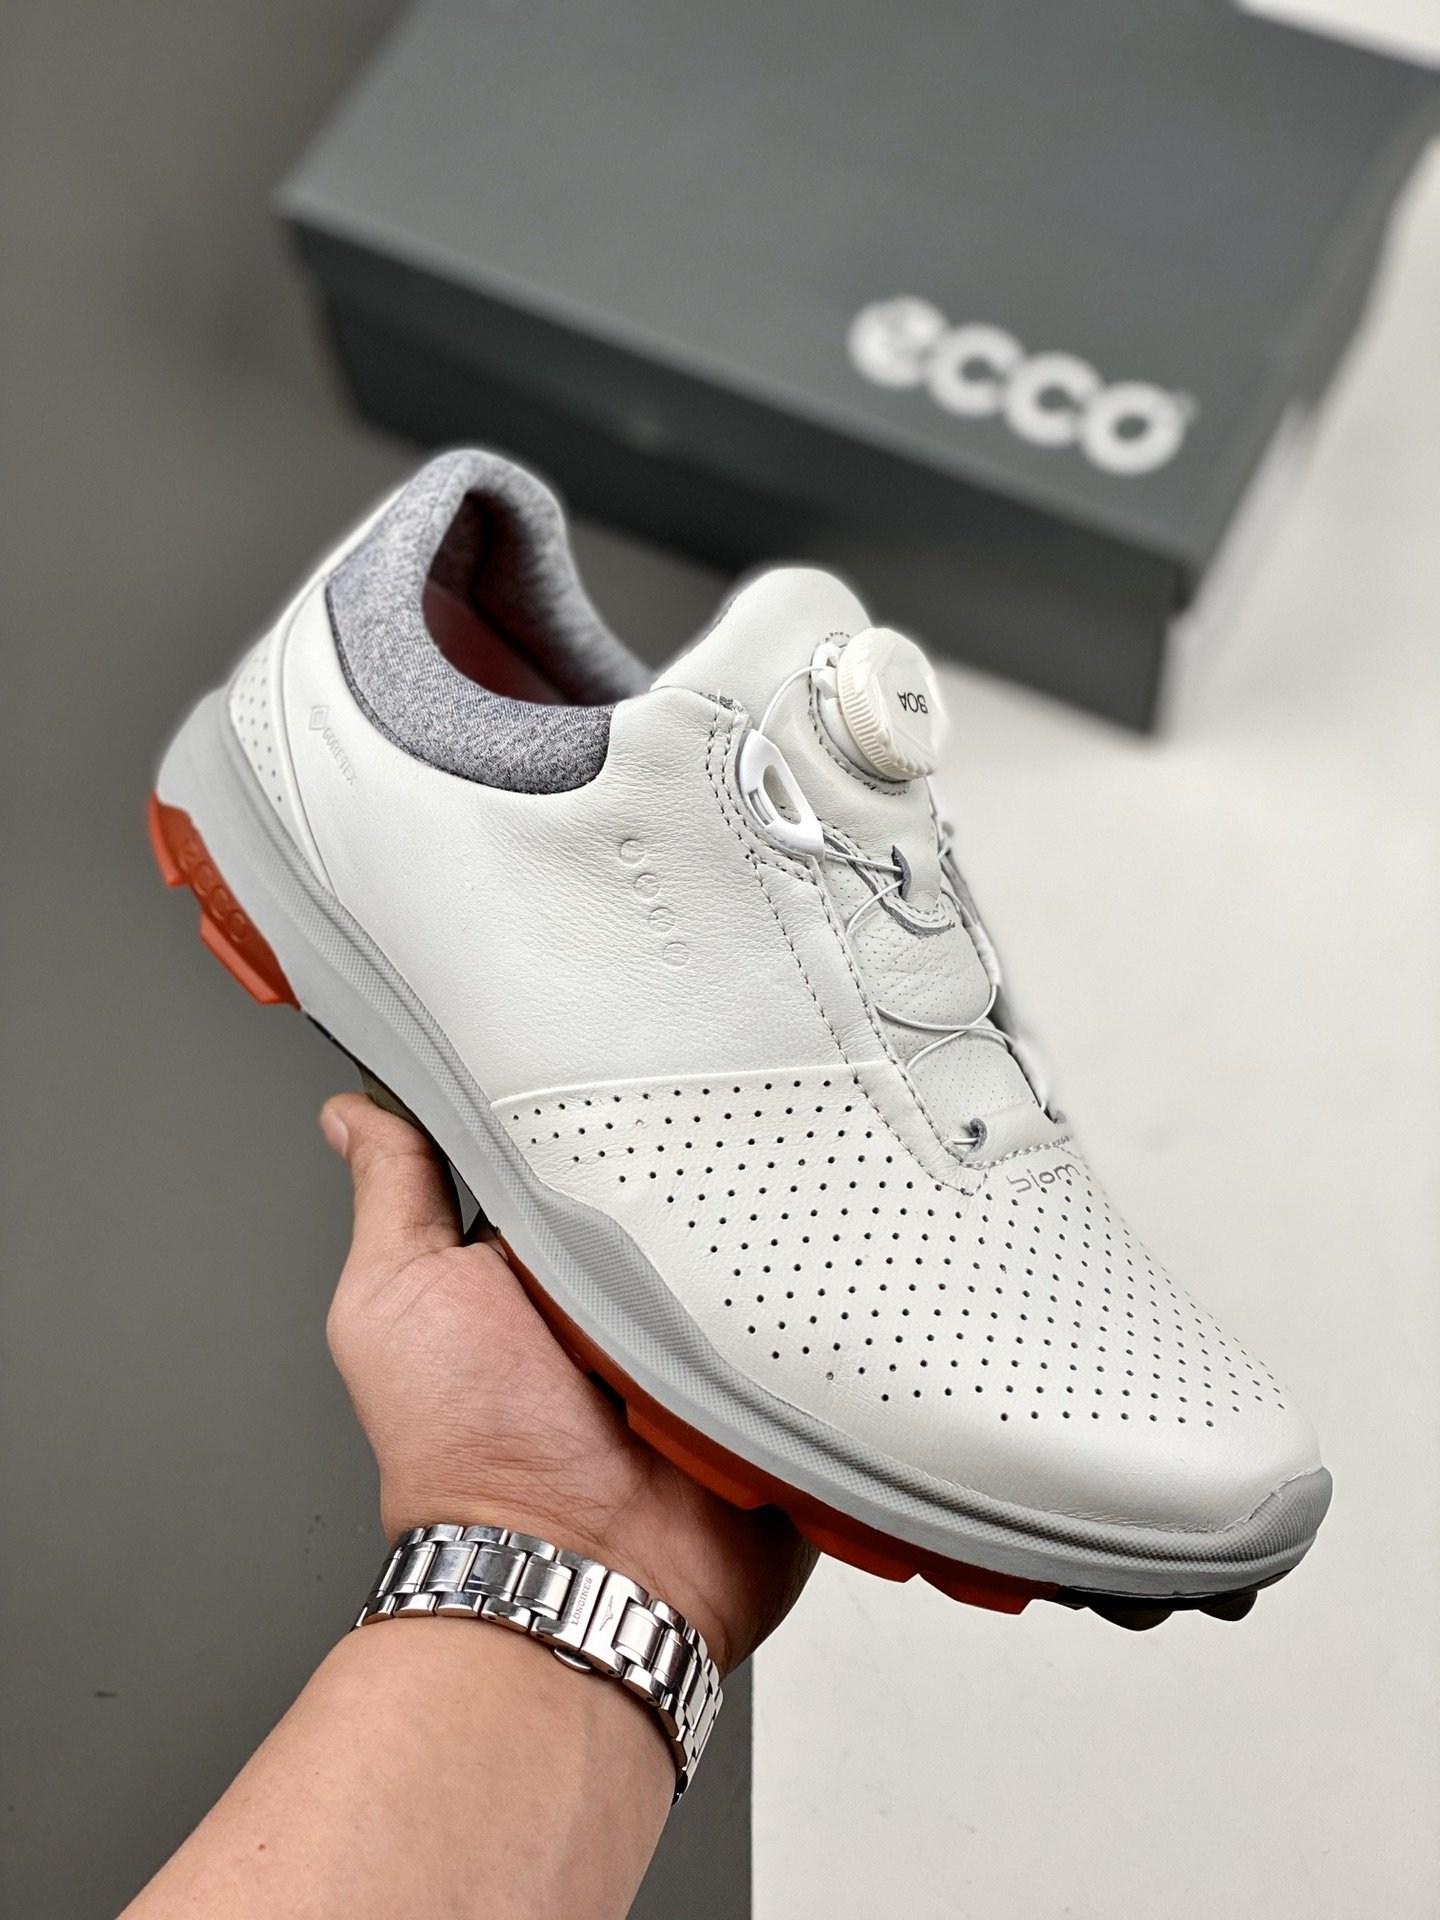 에코 에코[ecco] 공식 홈페이지 동기화 골프화 2020 봄 신상품 남성 캐주얼 워킹화 운동화남